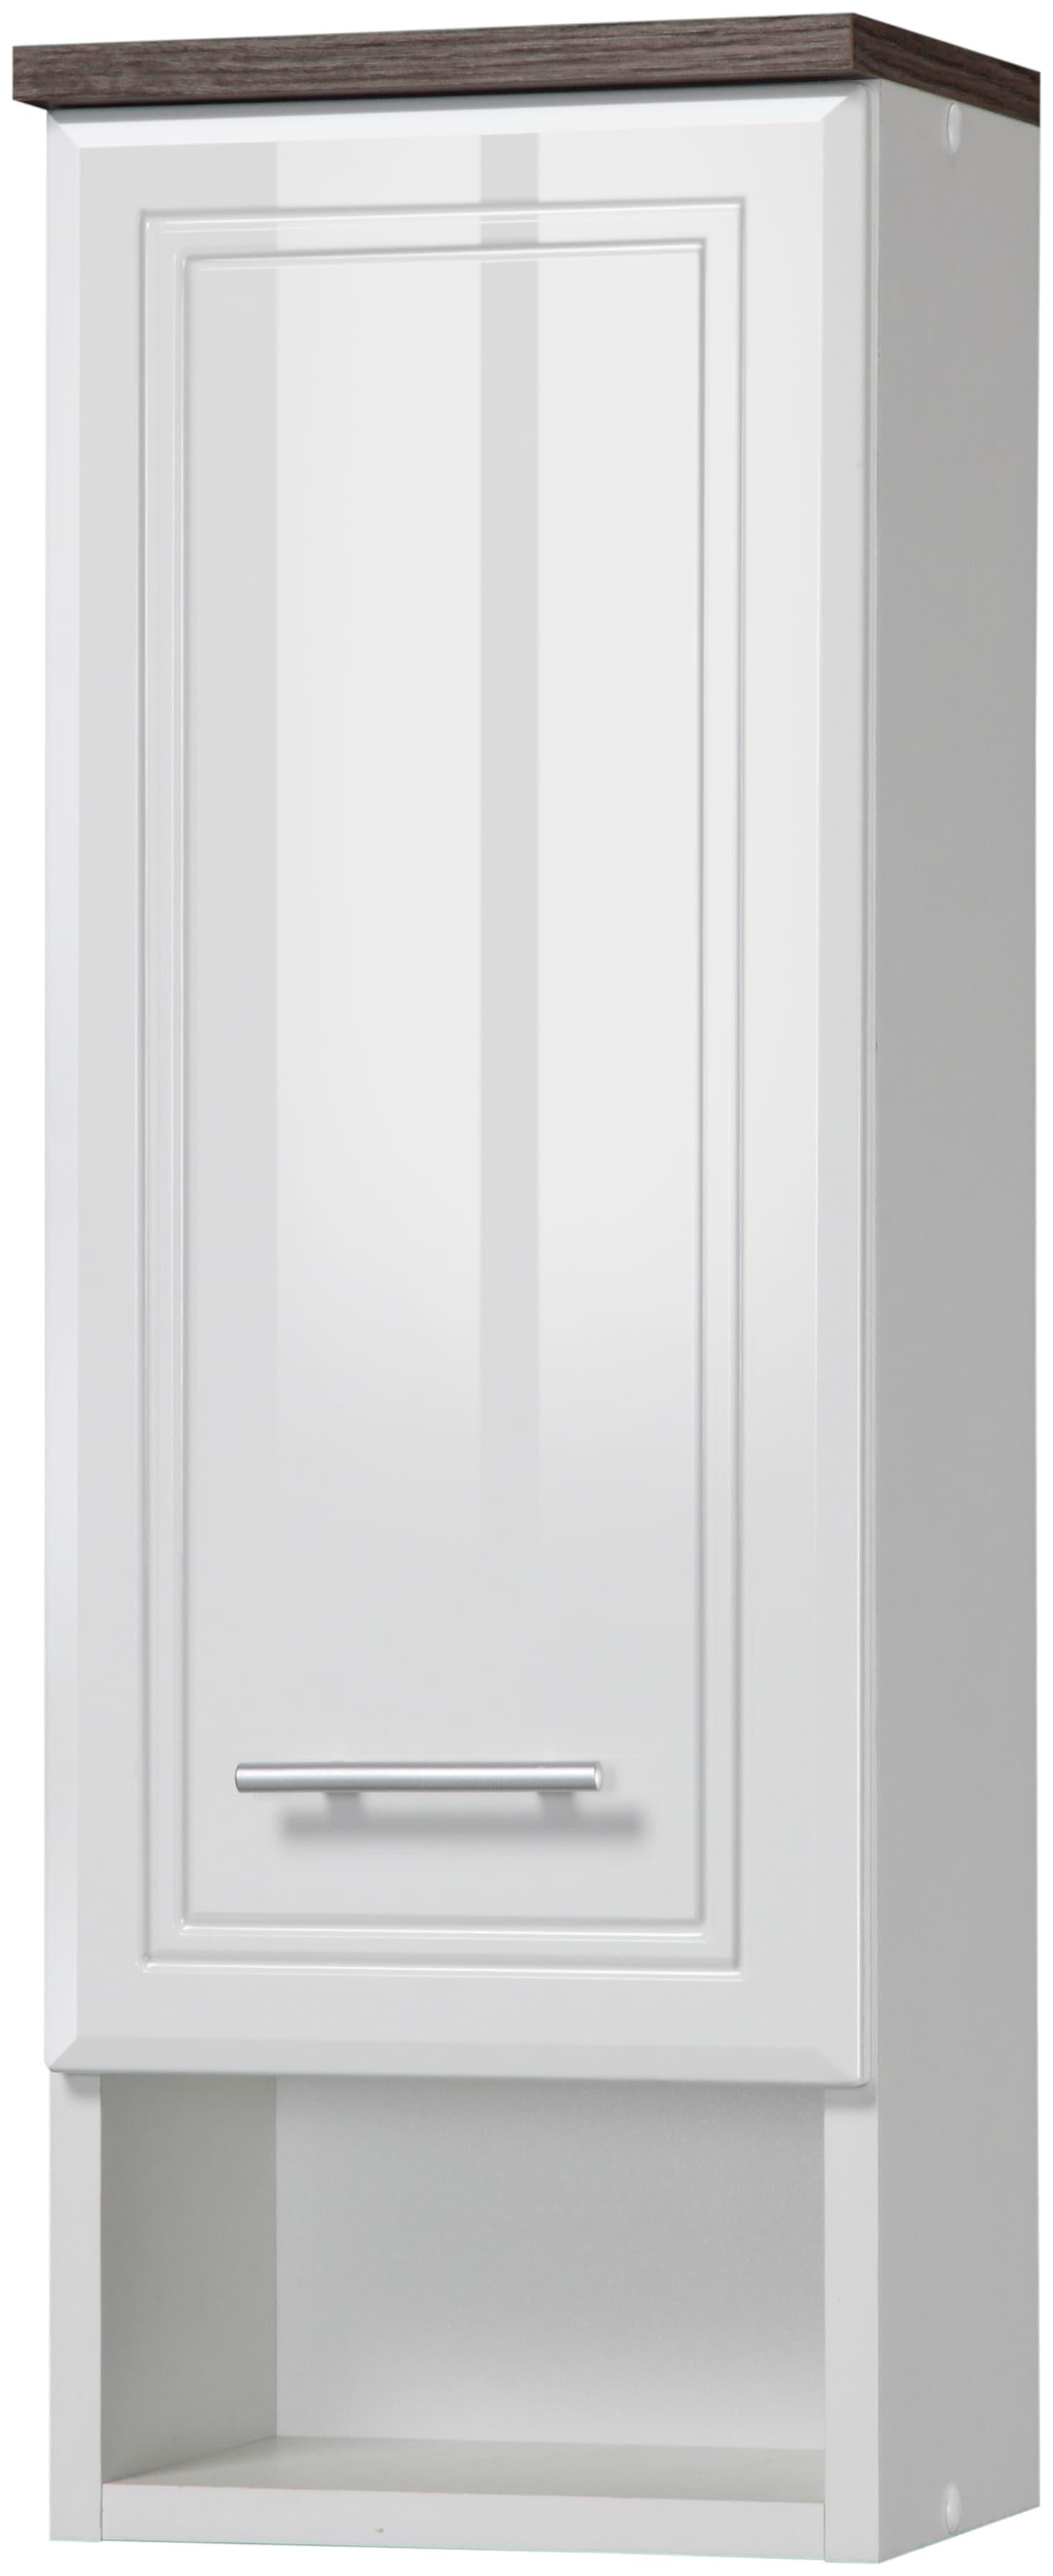 HELD MÖBEL Hängeschrank Neapel, Breite 25 cm, mit Hochglanzfronten und eleg günstig online kaufen